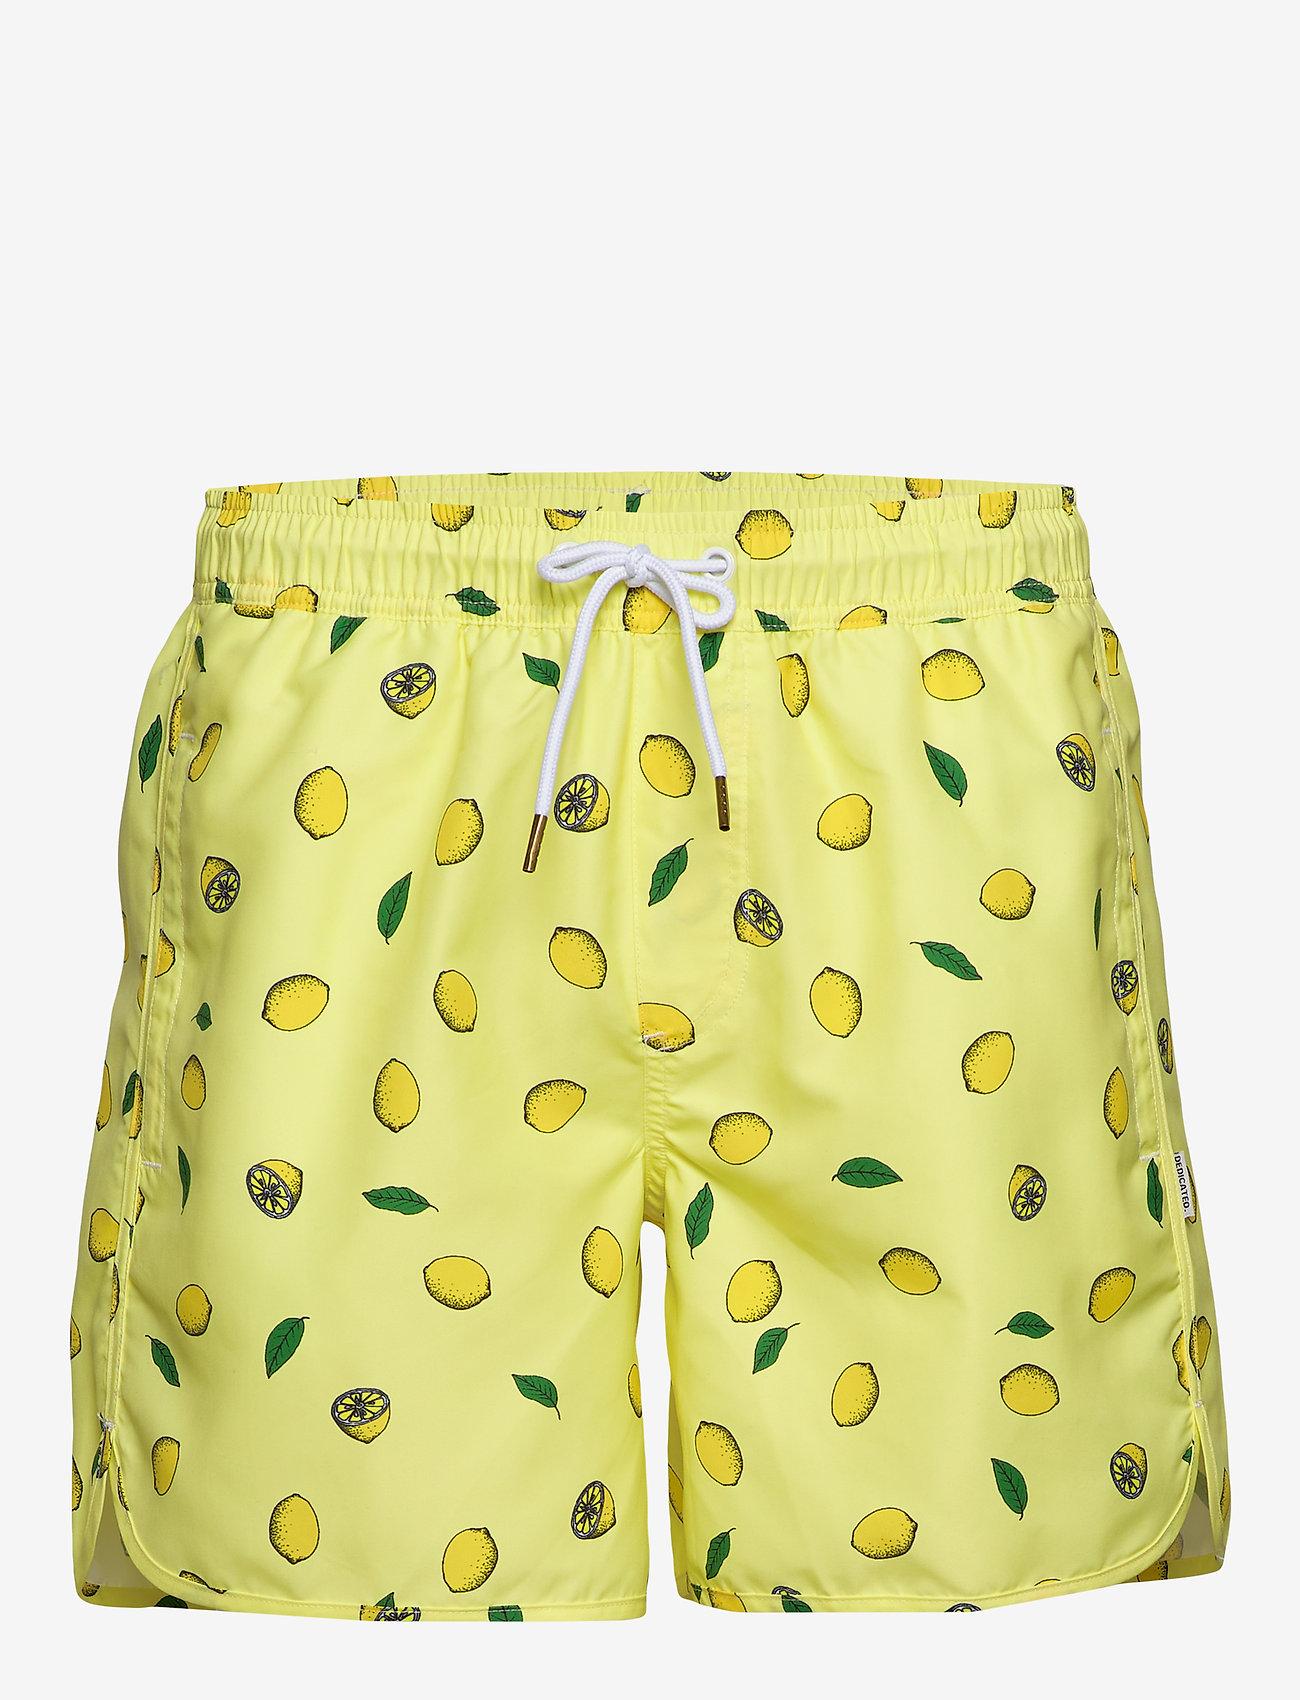 DEDICATED - Swim Shorts Sandhamn Lemons - uimashortsit - yellow